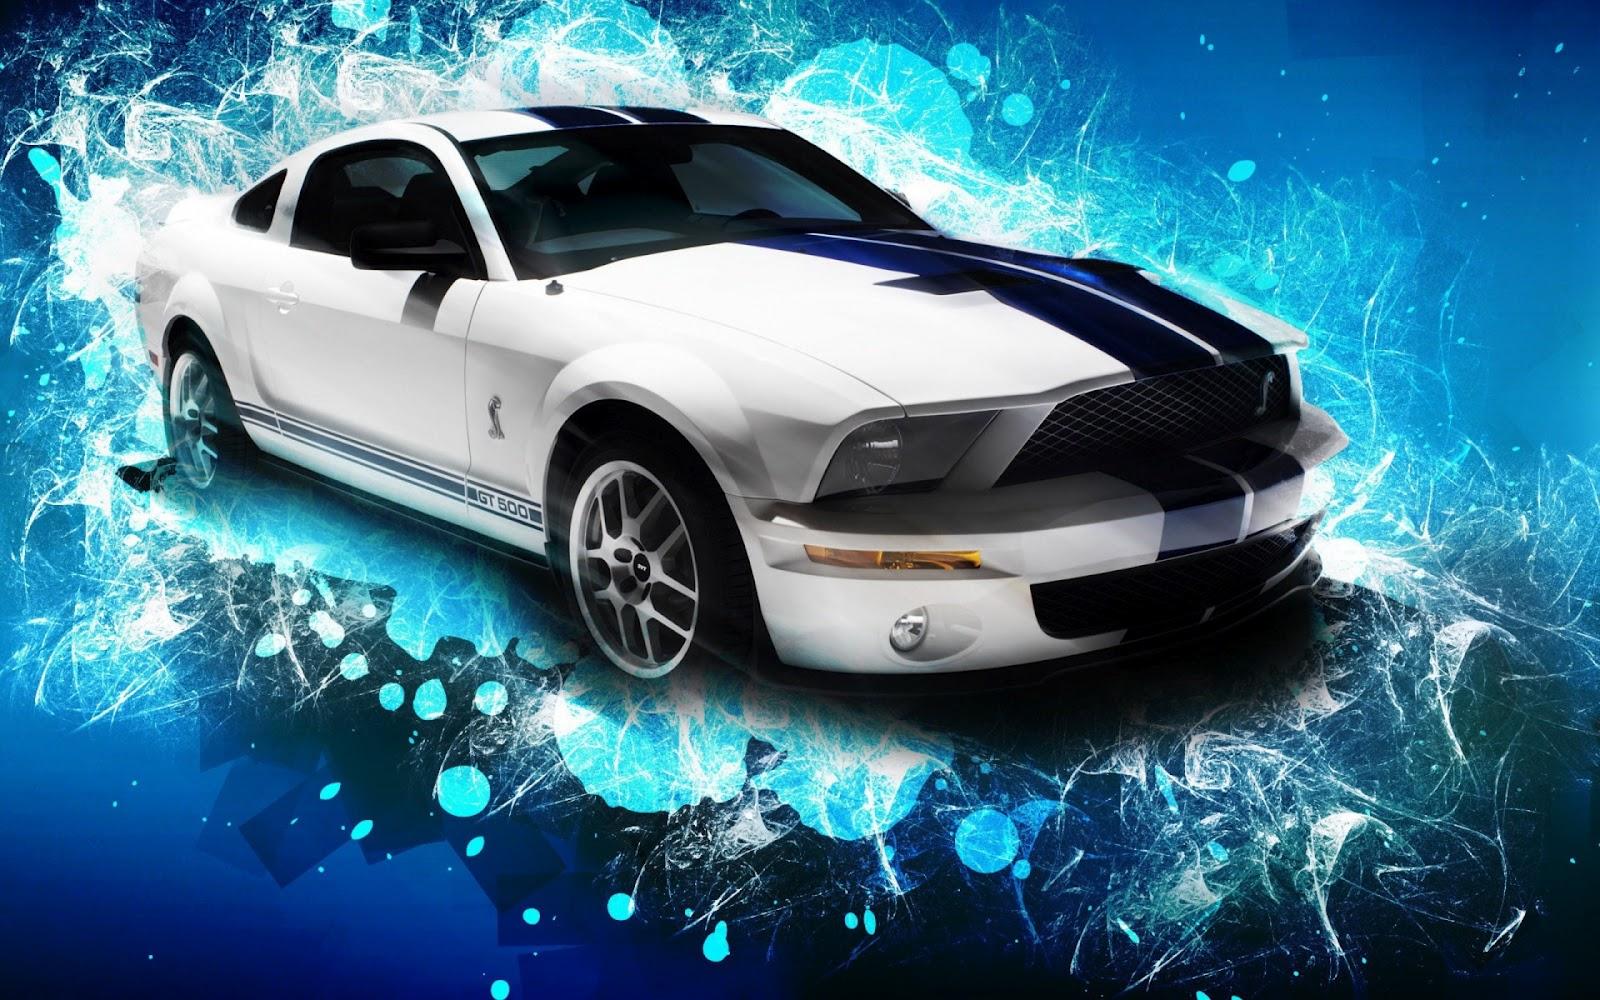 Wallpapers   HD Desktop Wallpapers Online Car Wallpapers 1600x1000